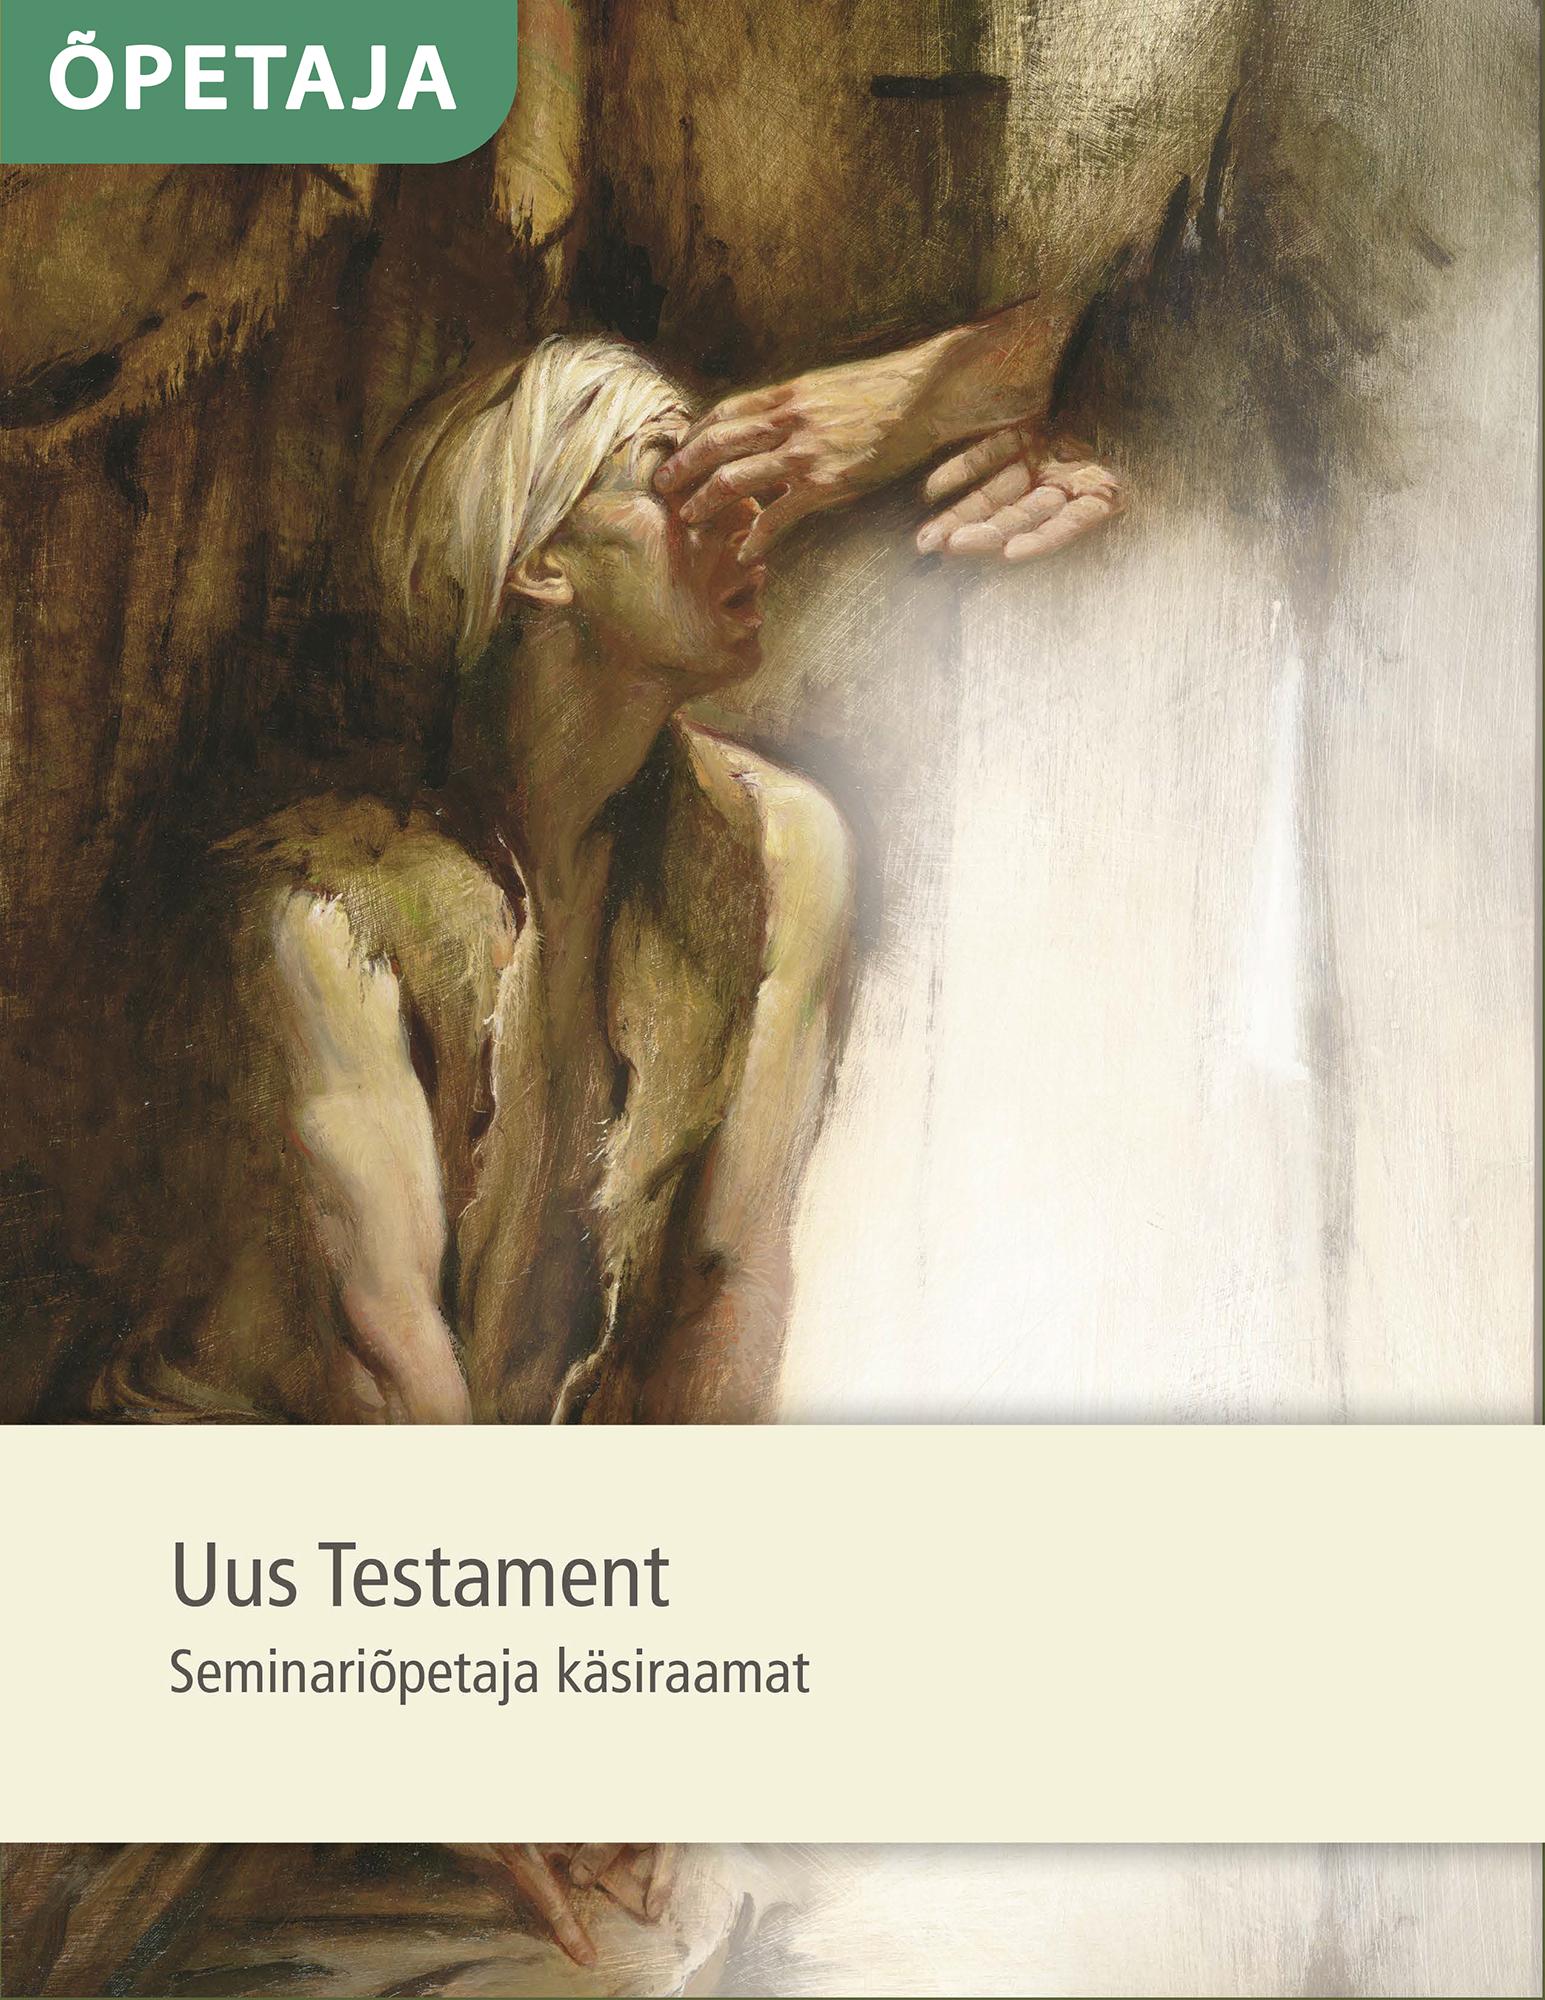 Uus Testament, seminariõpetaja käsiraamat